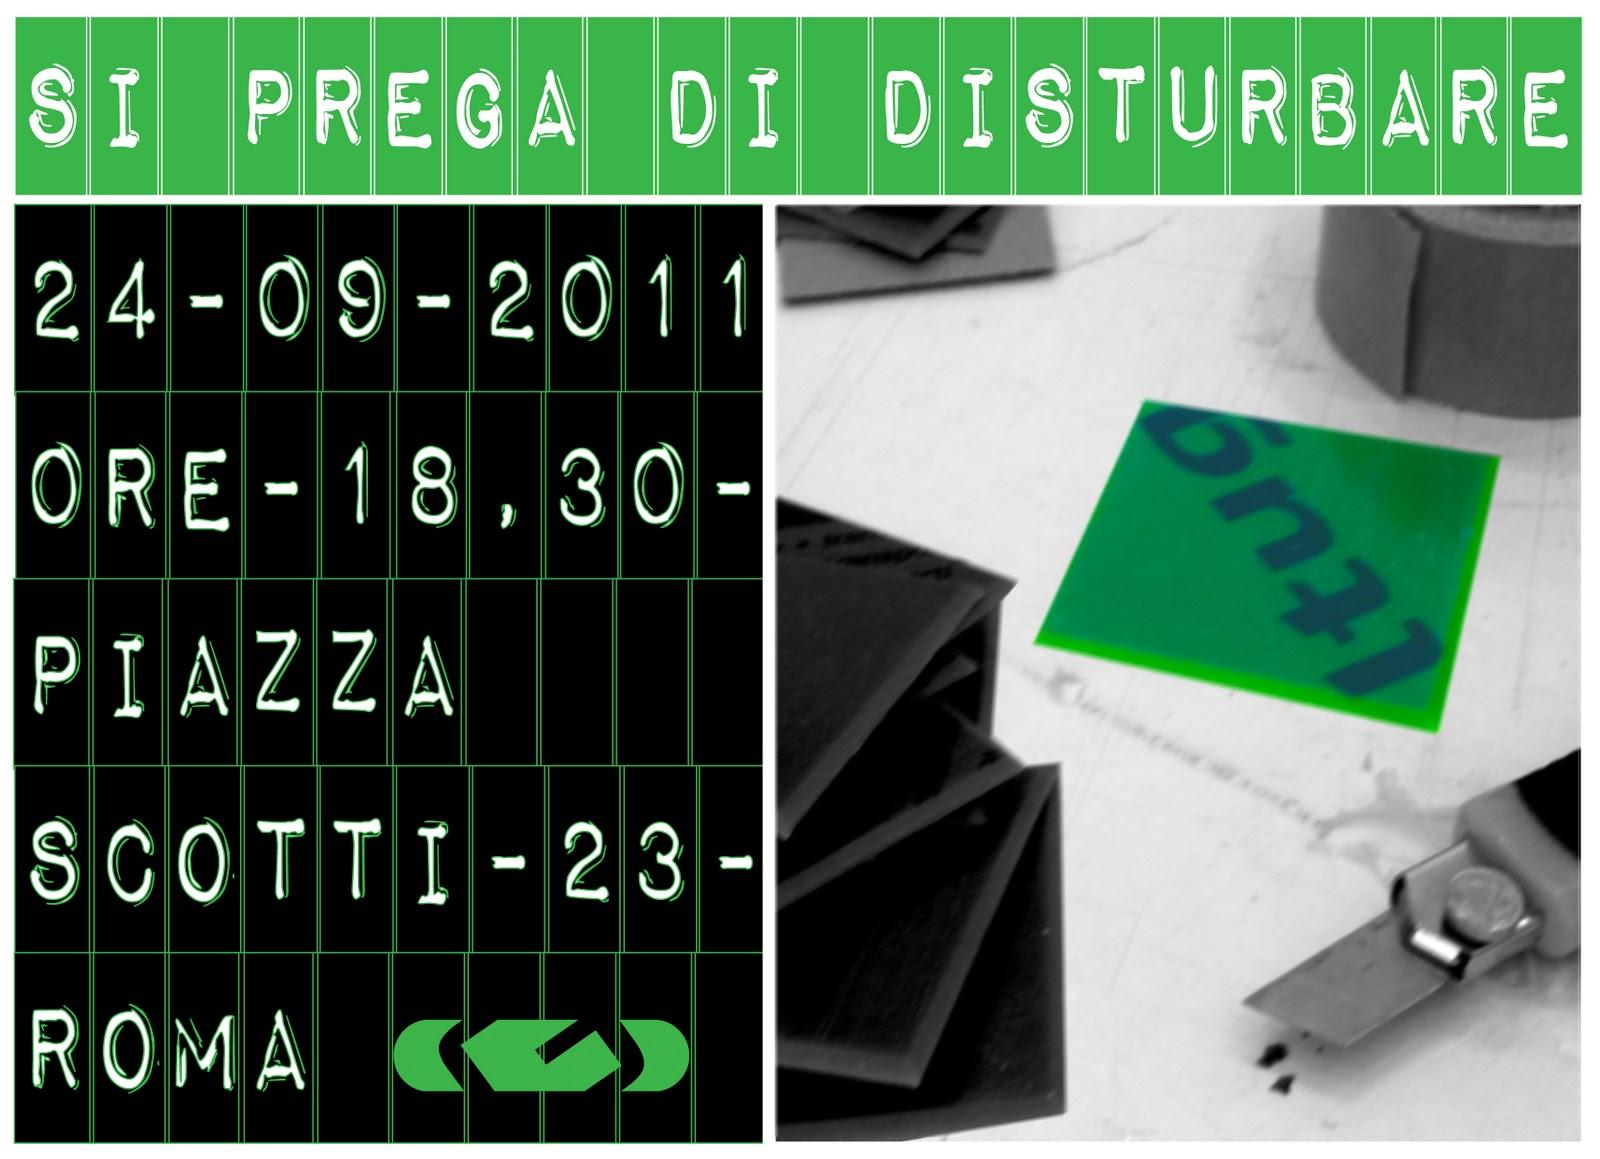 Cake Design Roma Piazza Scotti : Designtrasparente blog:Design esclusivo in plexiglass